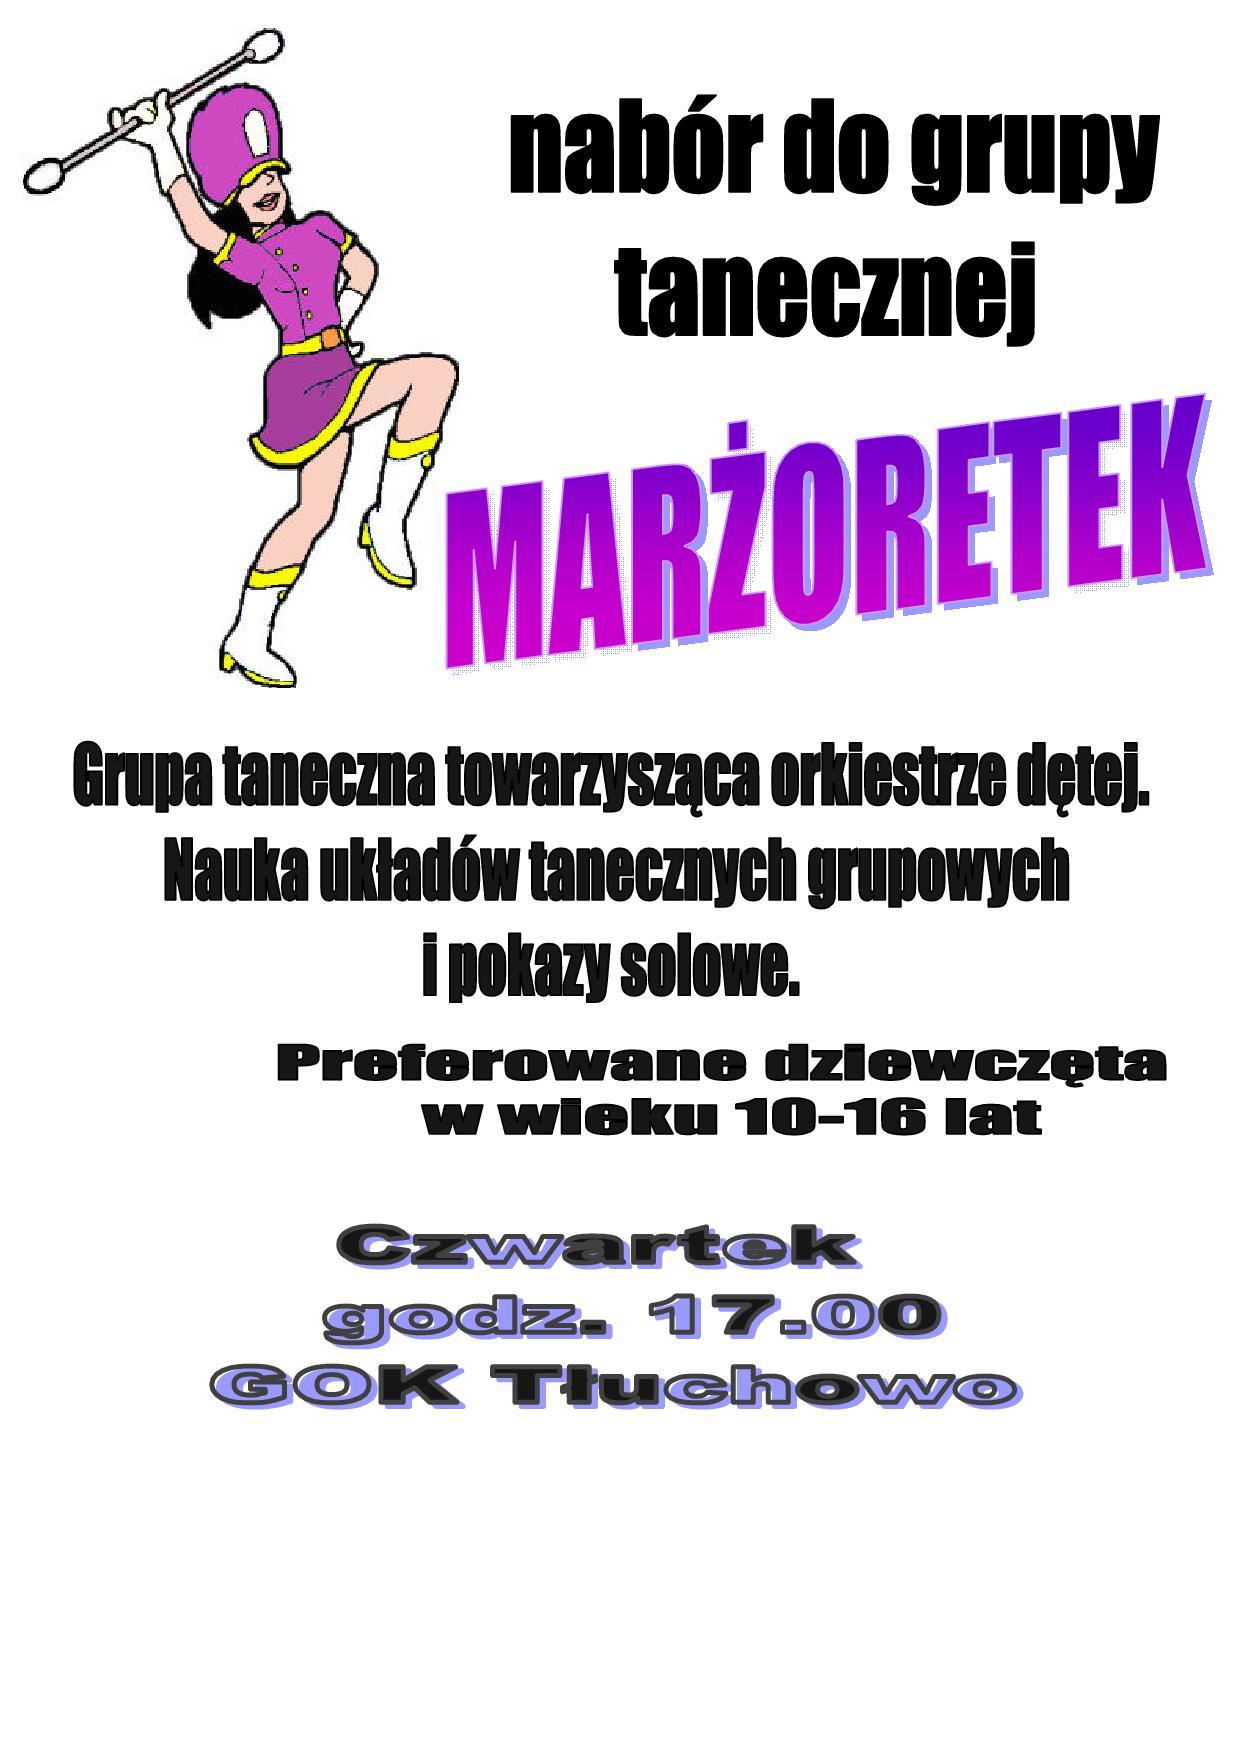 marzoretki